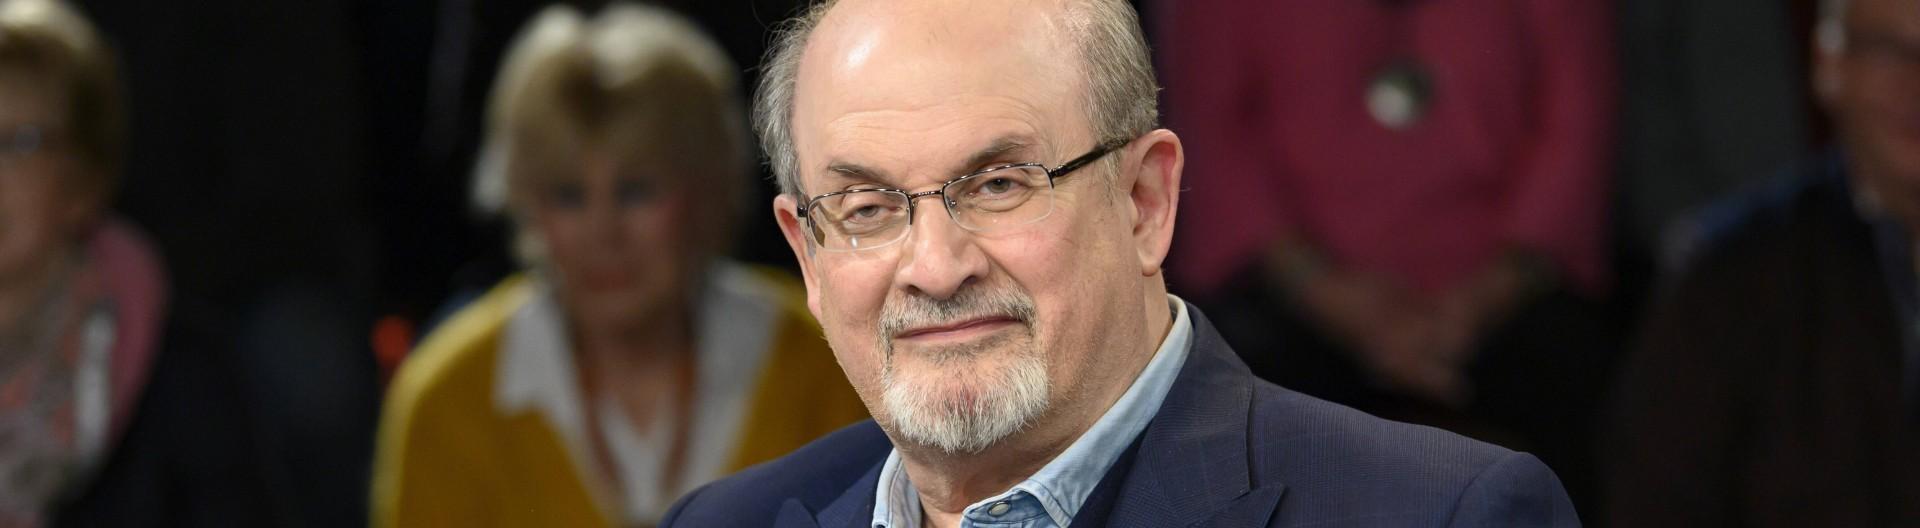 Der Autor Salman Rushdie am 12. November 2019 in der Talkshow bei Markus Lanz